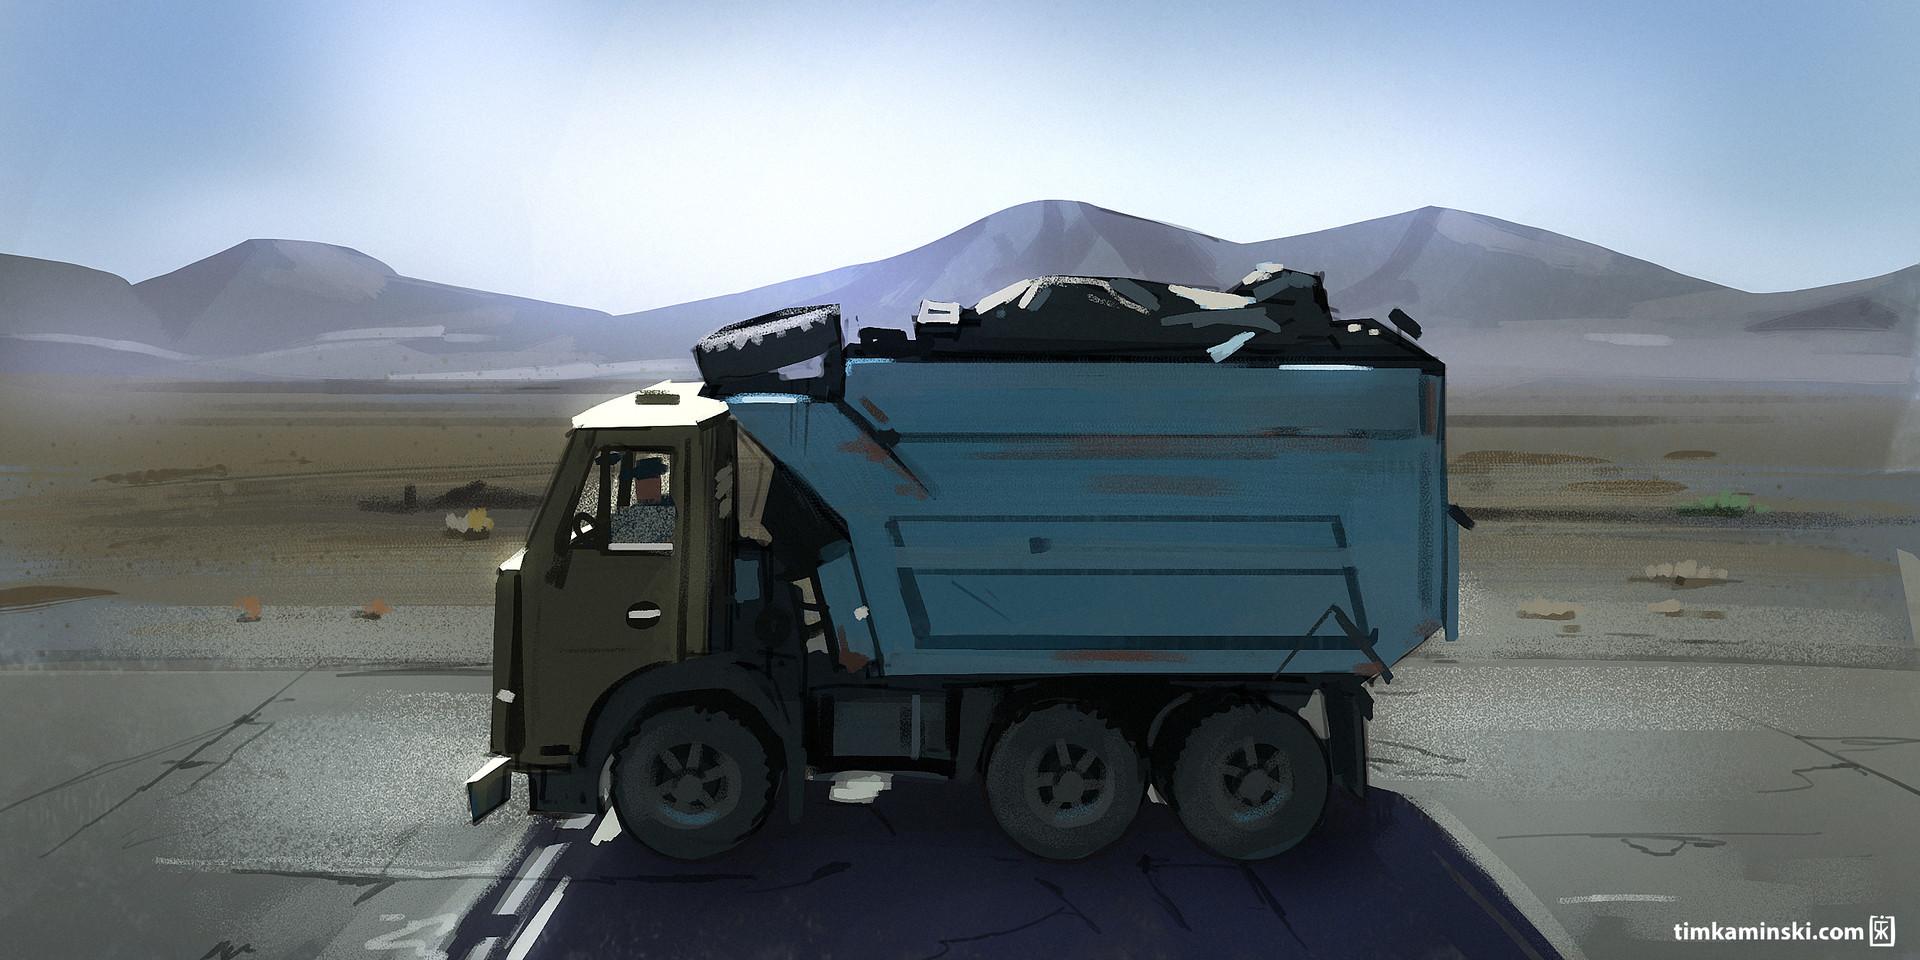 Tim kaminski truck